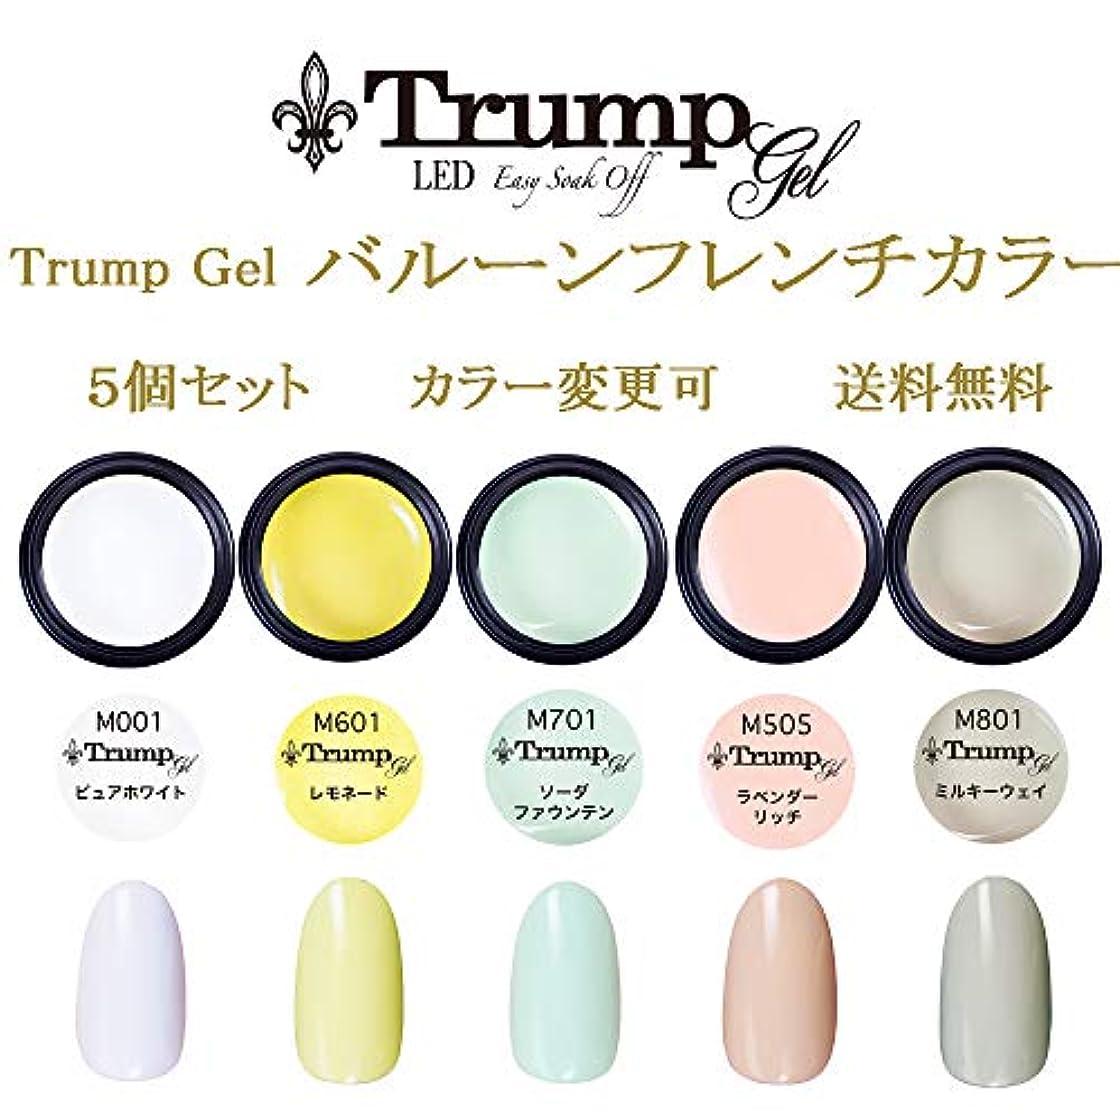 ビーズ発掘お茶【送料無料】Trumpバルーンフレンチカラー 選べるカラージェル5個セット